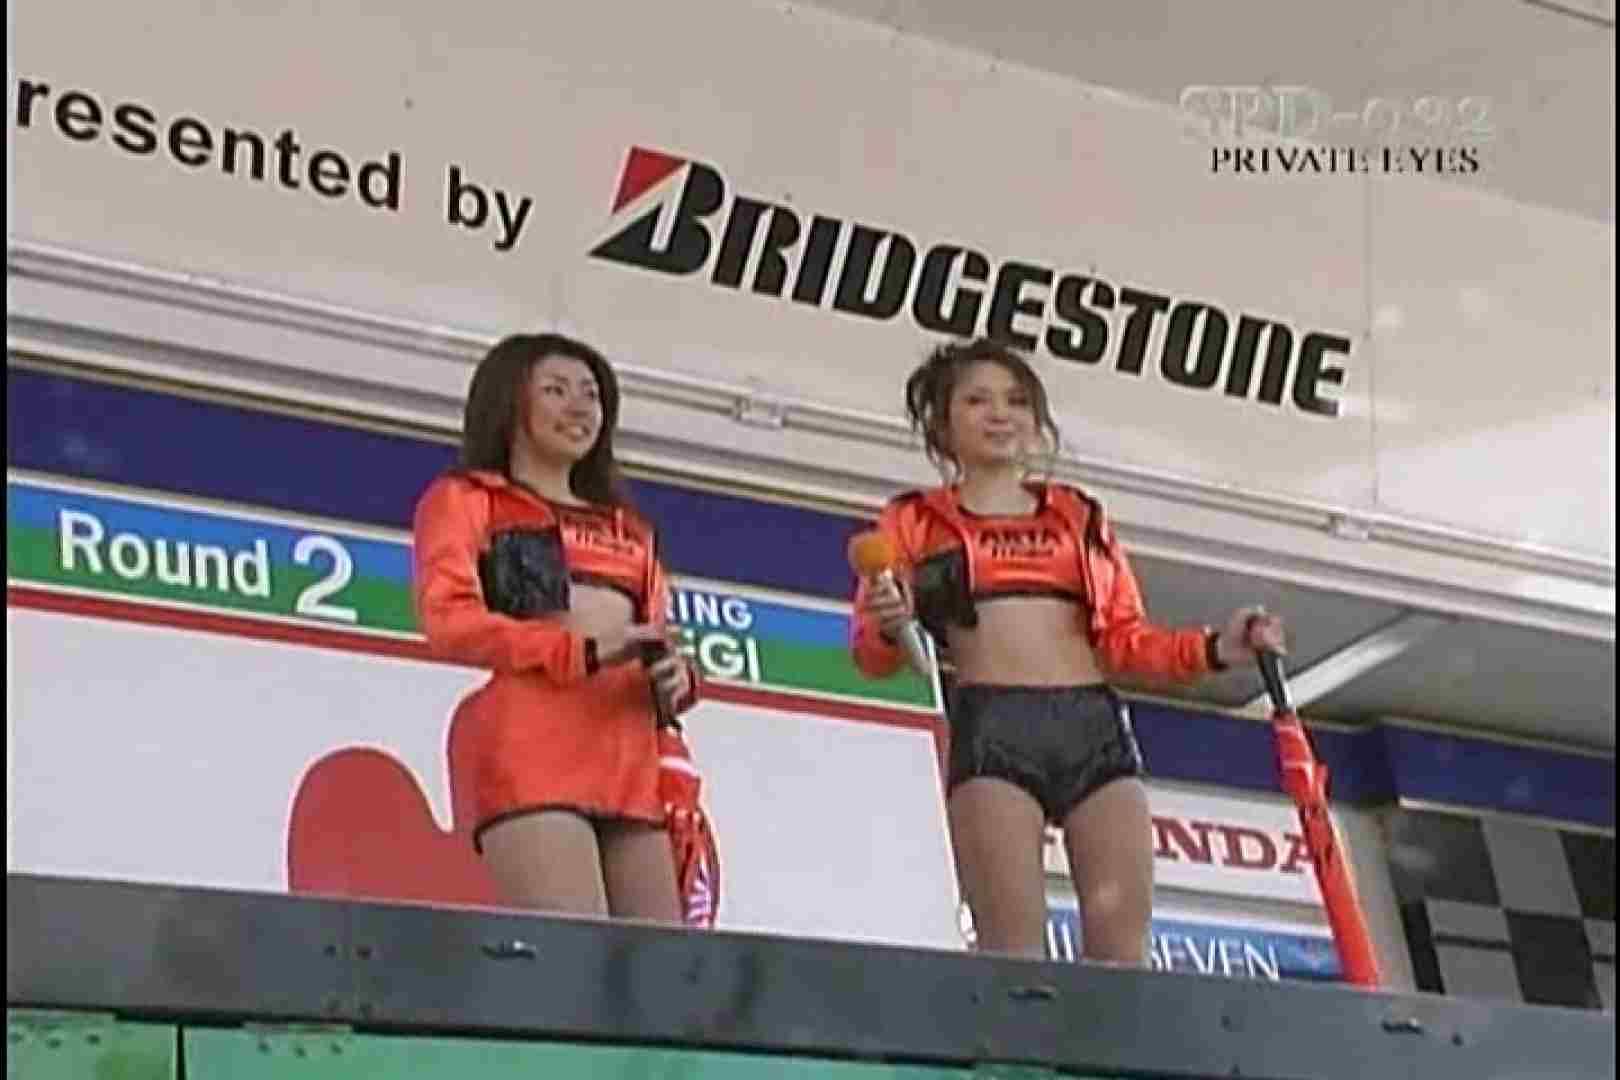 高画質版!SPD-032 サーキットの女神達 00'日本第2戦 MOTEGI プライベート | 名作  101pic 43